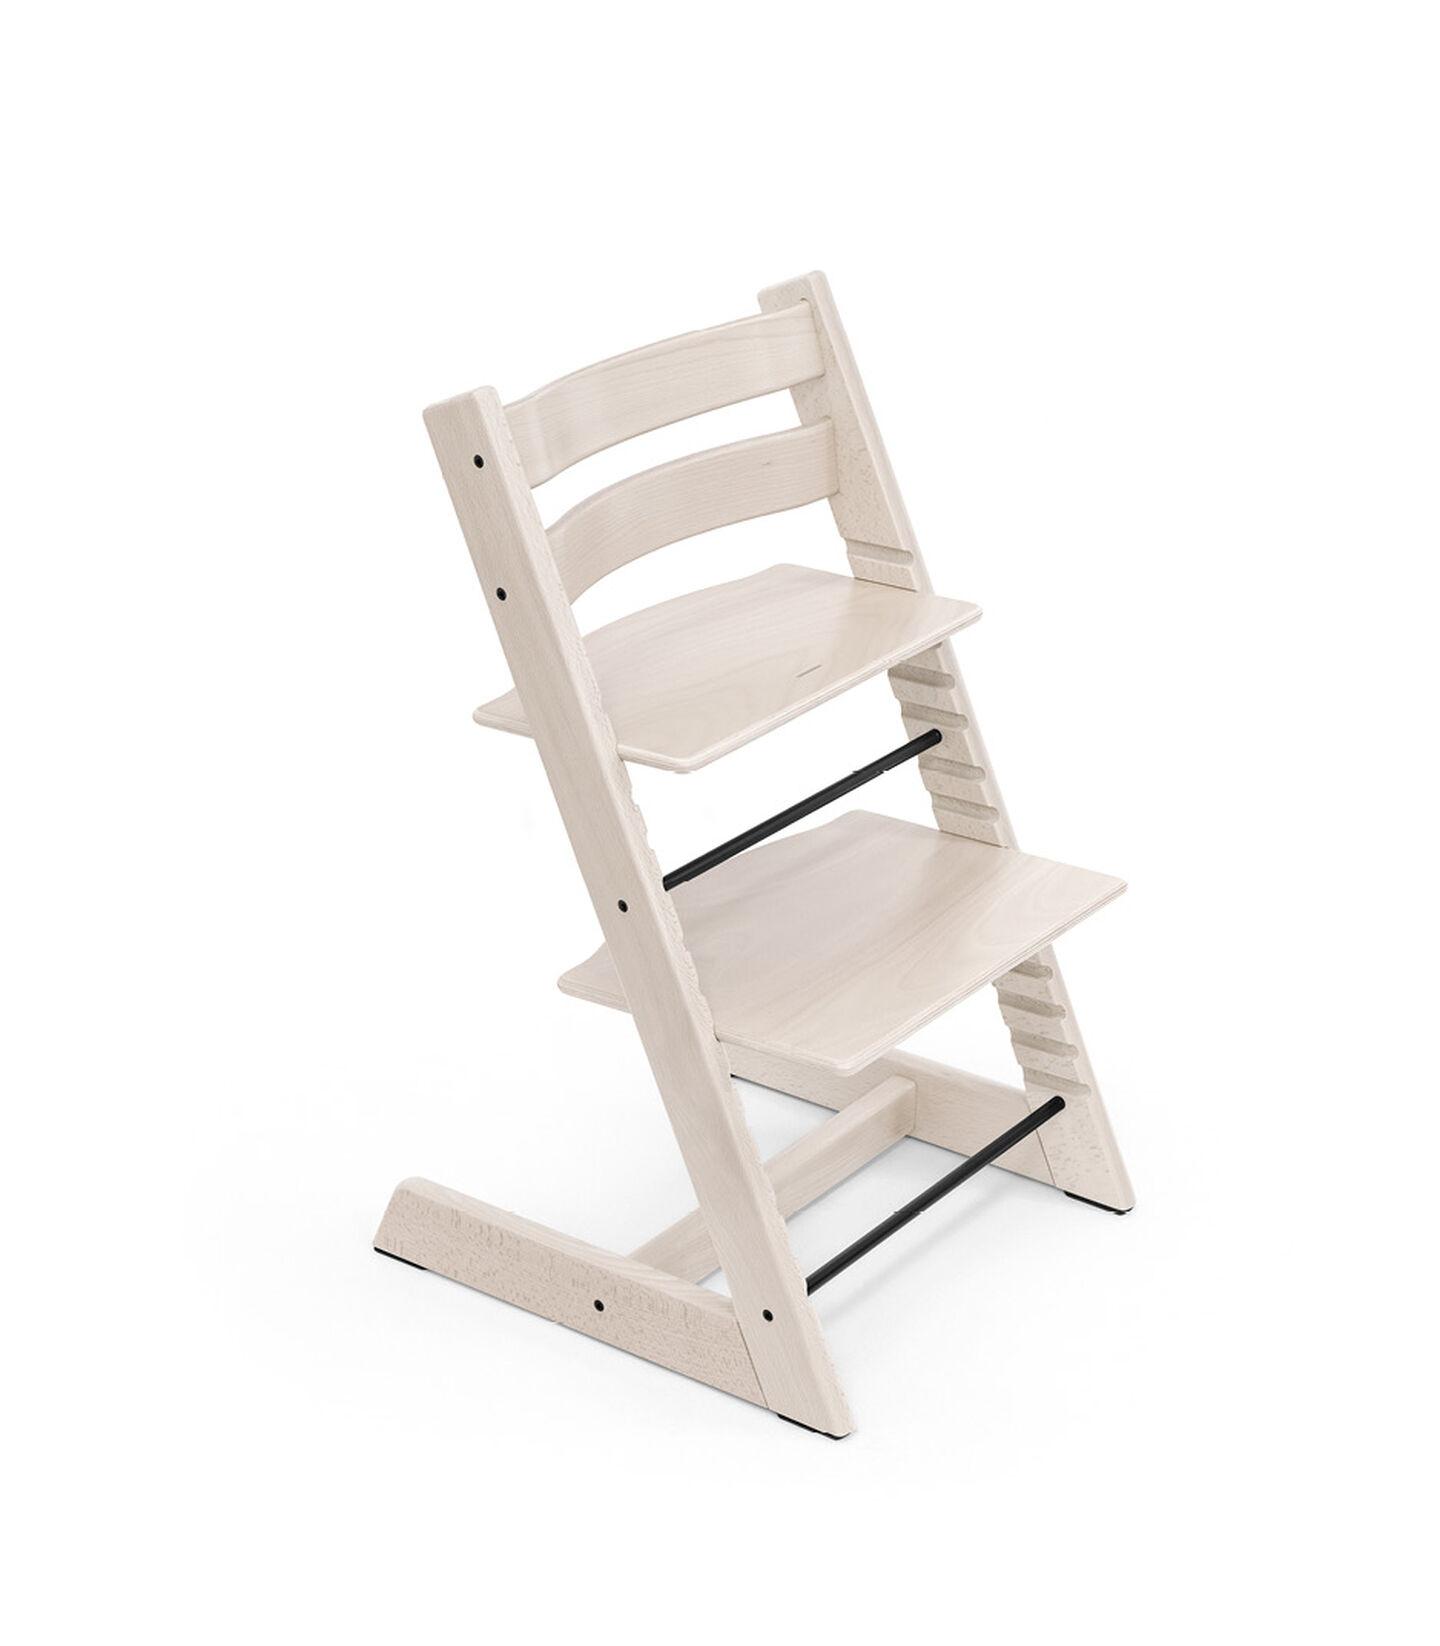 Tripp Trapp® Kireç Beyaz Sandalye, Patinebeyaz, mainview view 1